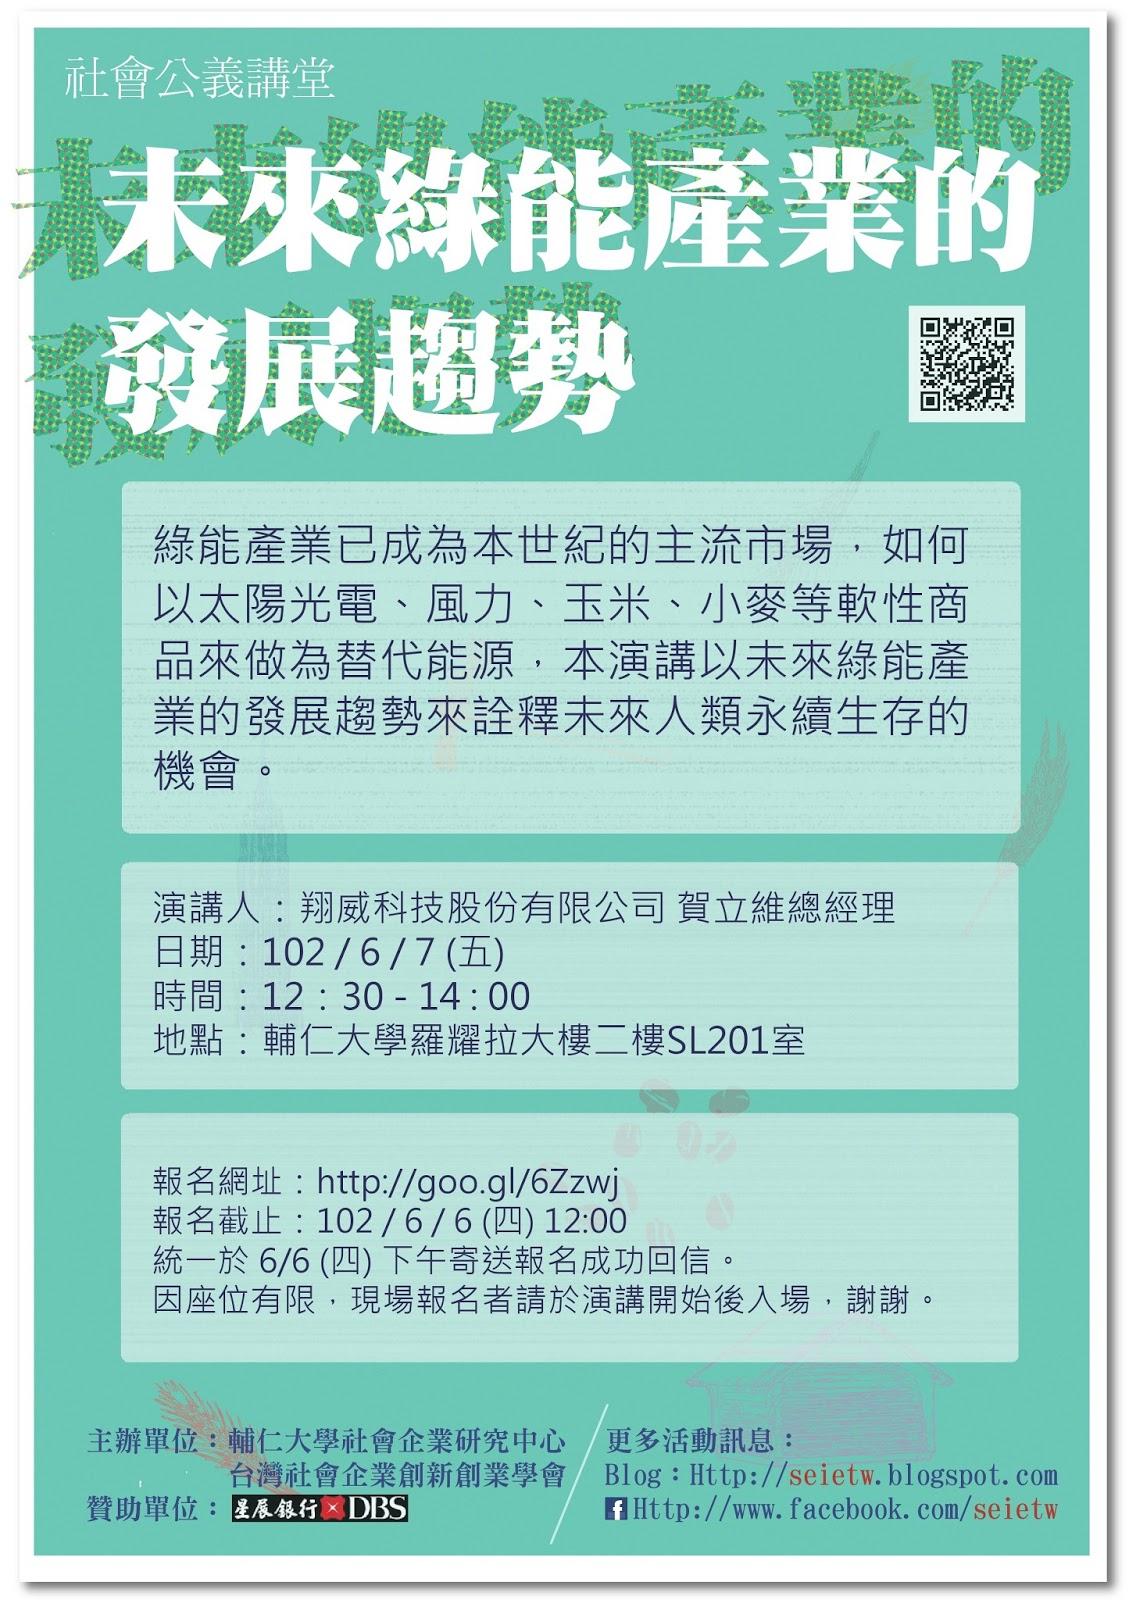 臺灣社會企業創新創業學會: 五月 2013